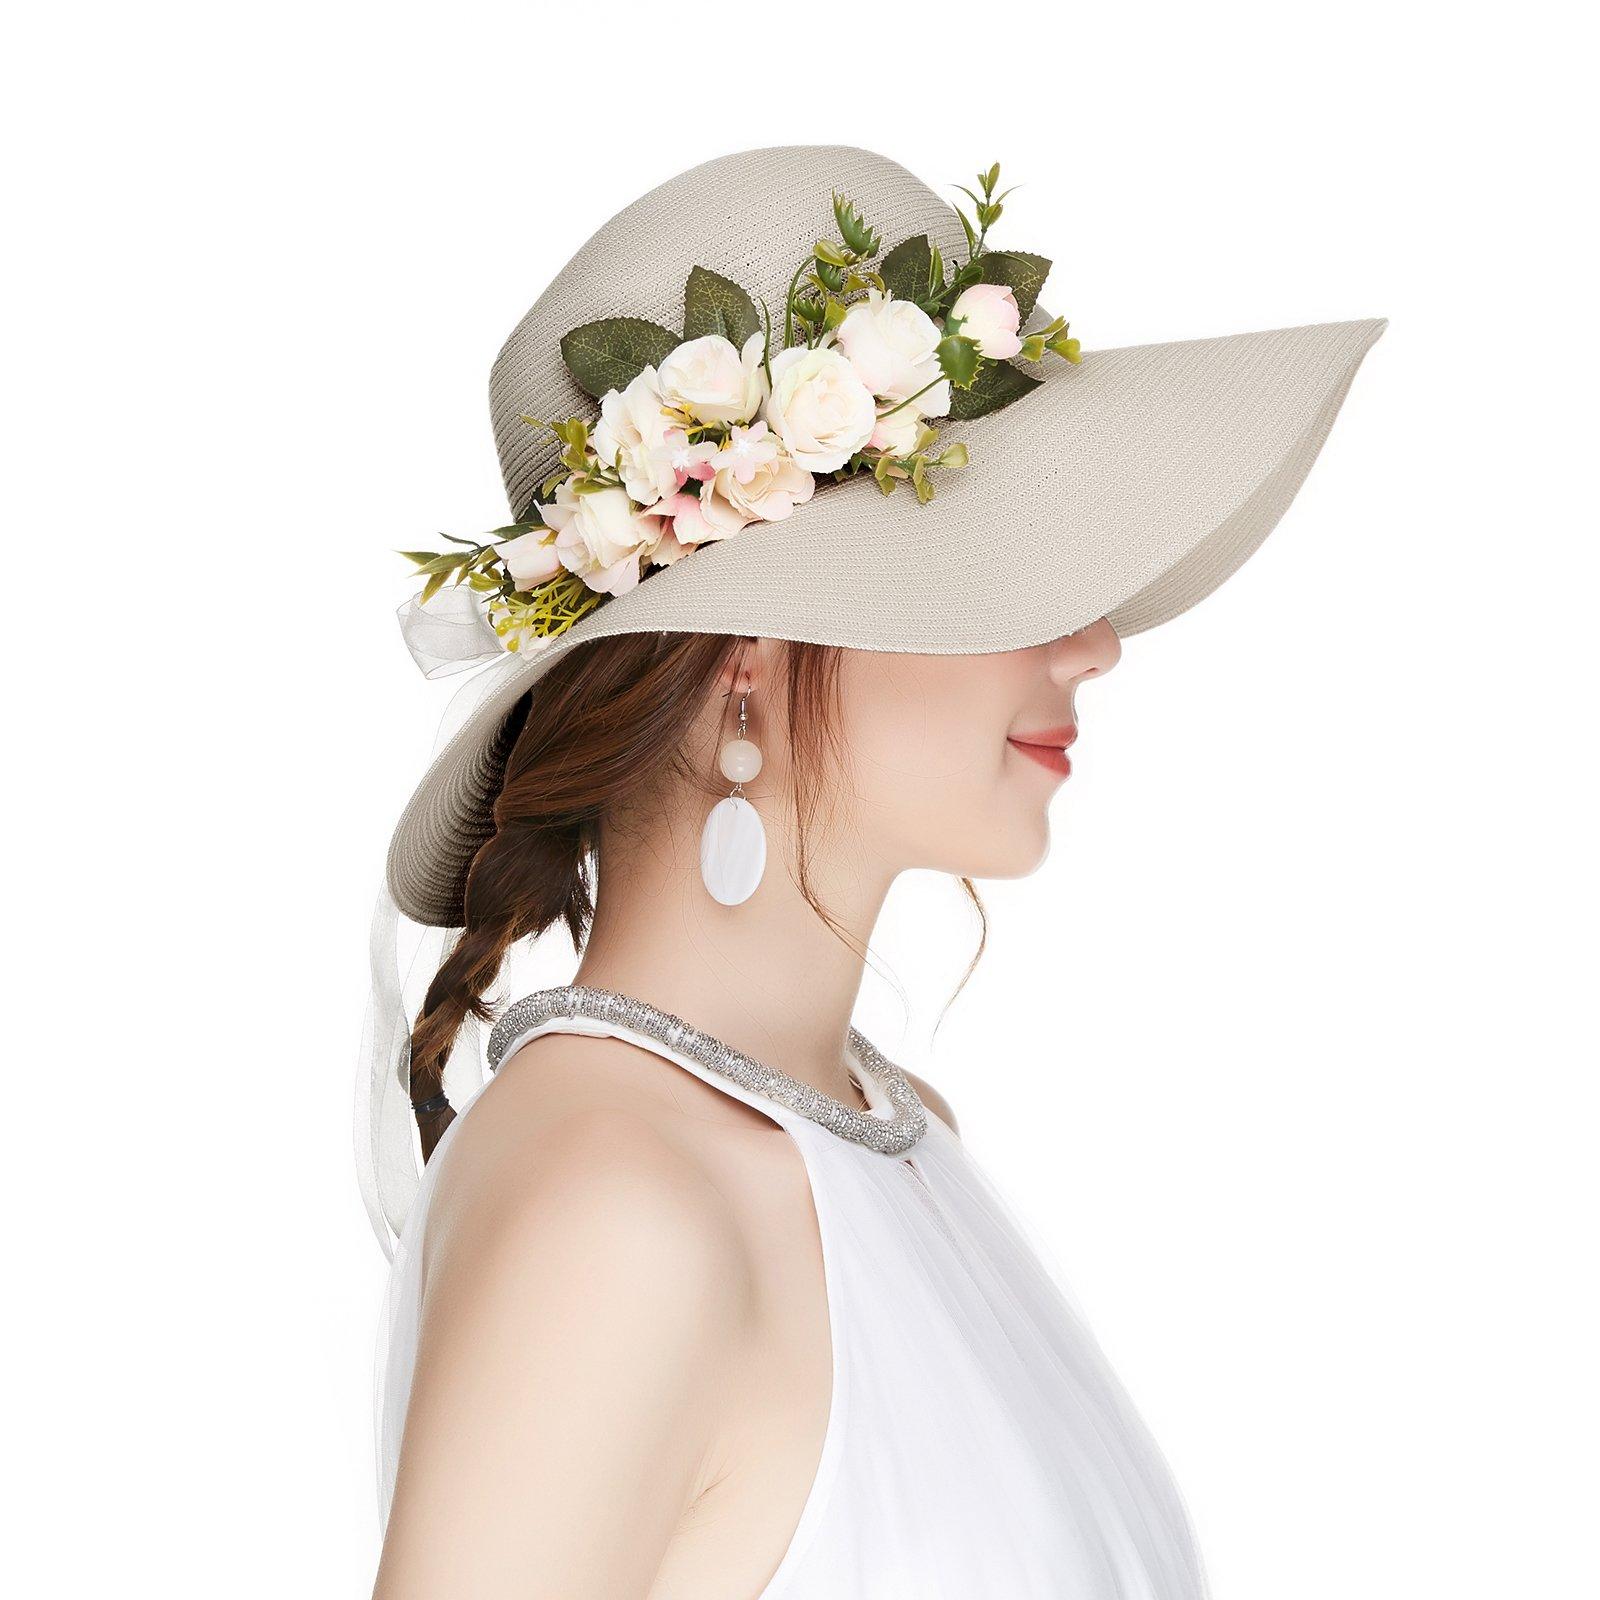 Kajeer Floppy Fascinator Tea Party Hats Flowers Straw Hat for Women